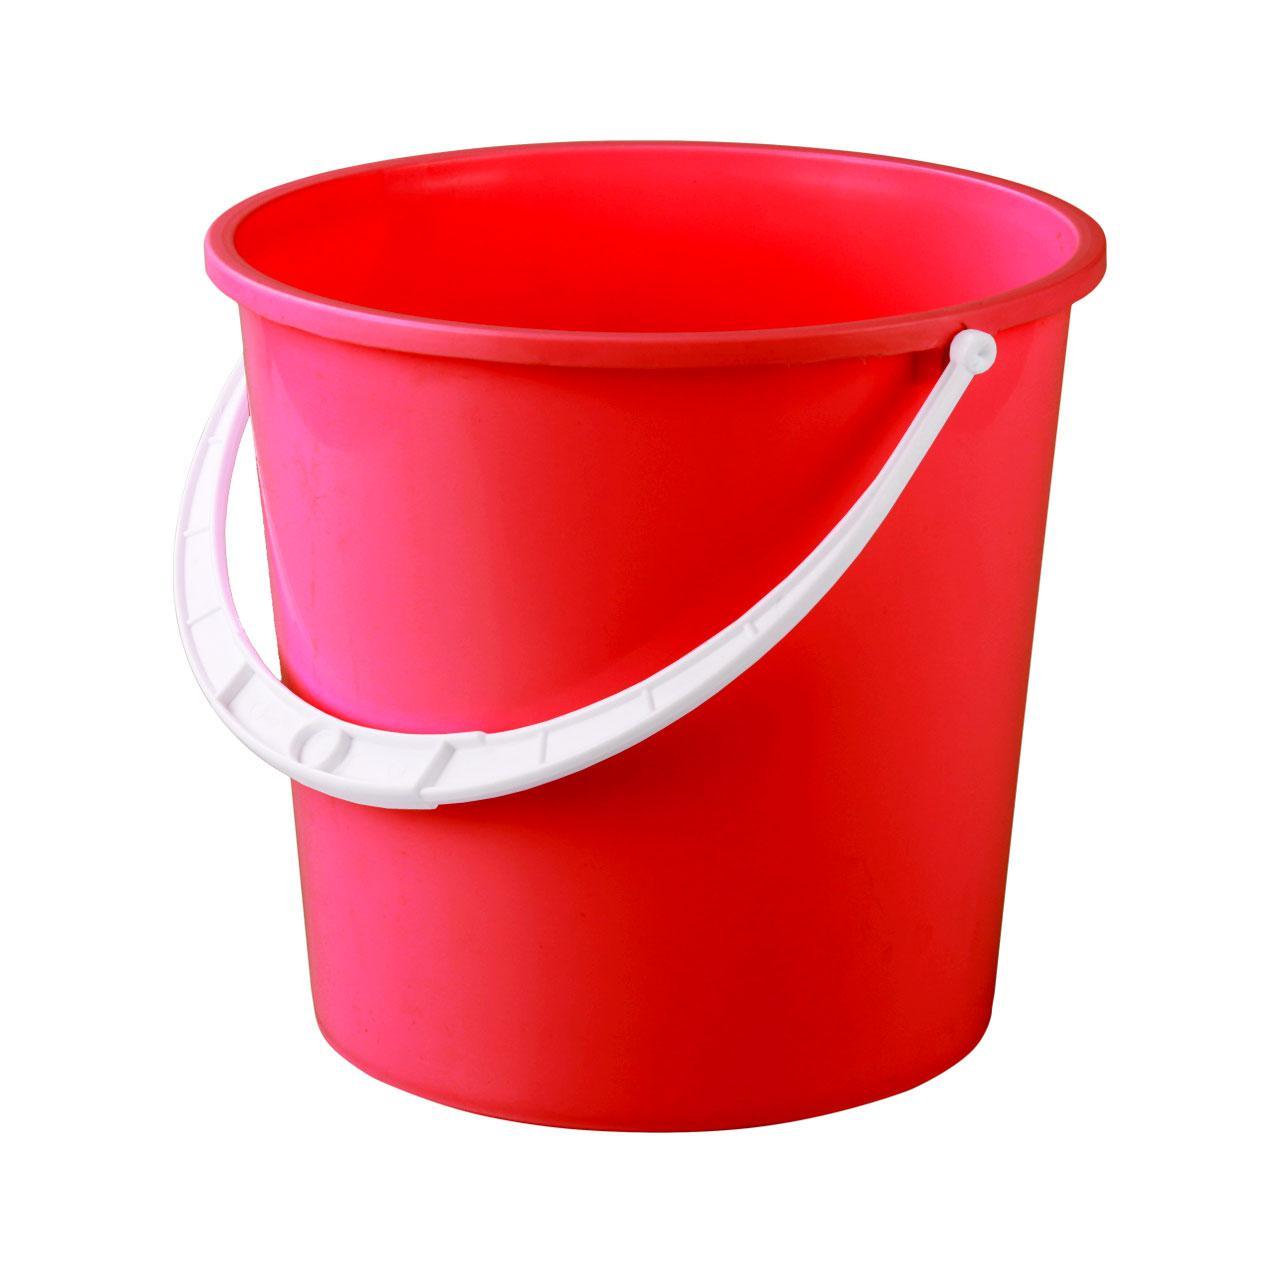 Ведро Альтернатива Крепыш, цвет: красный, 7 лК342_красныйВедро Альтернатива Крепыш изготовлено из высококачественного одноцветного пластика. Оно легче железного и не подвержено коррозии. Ведро оснащено удобной пластиковой ручкой. Такое ведро станет незаменимым помощником в хозяйстве. Диаметр (по верхнему краю): 25 см.Высота: 22 см.